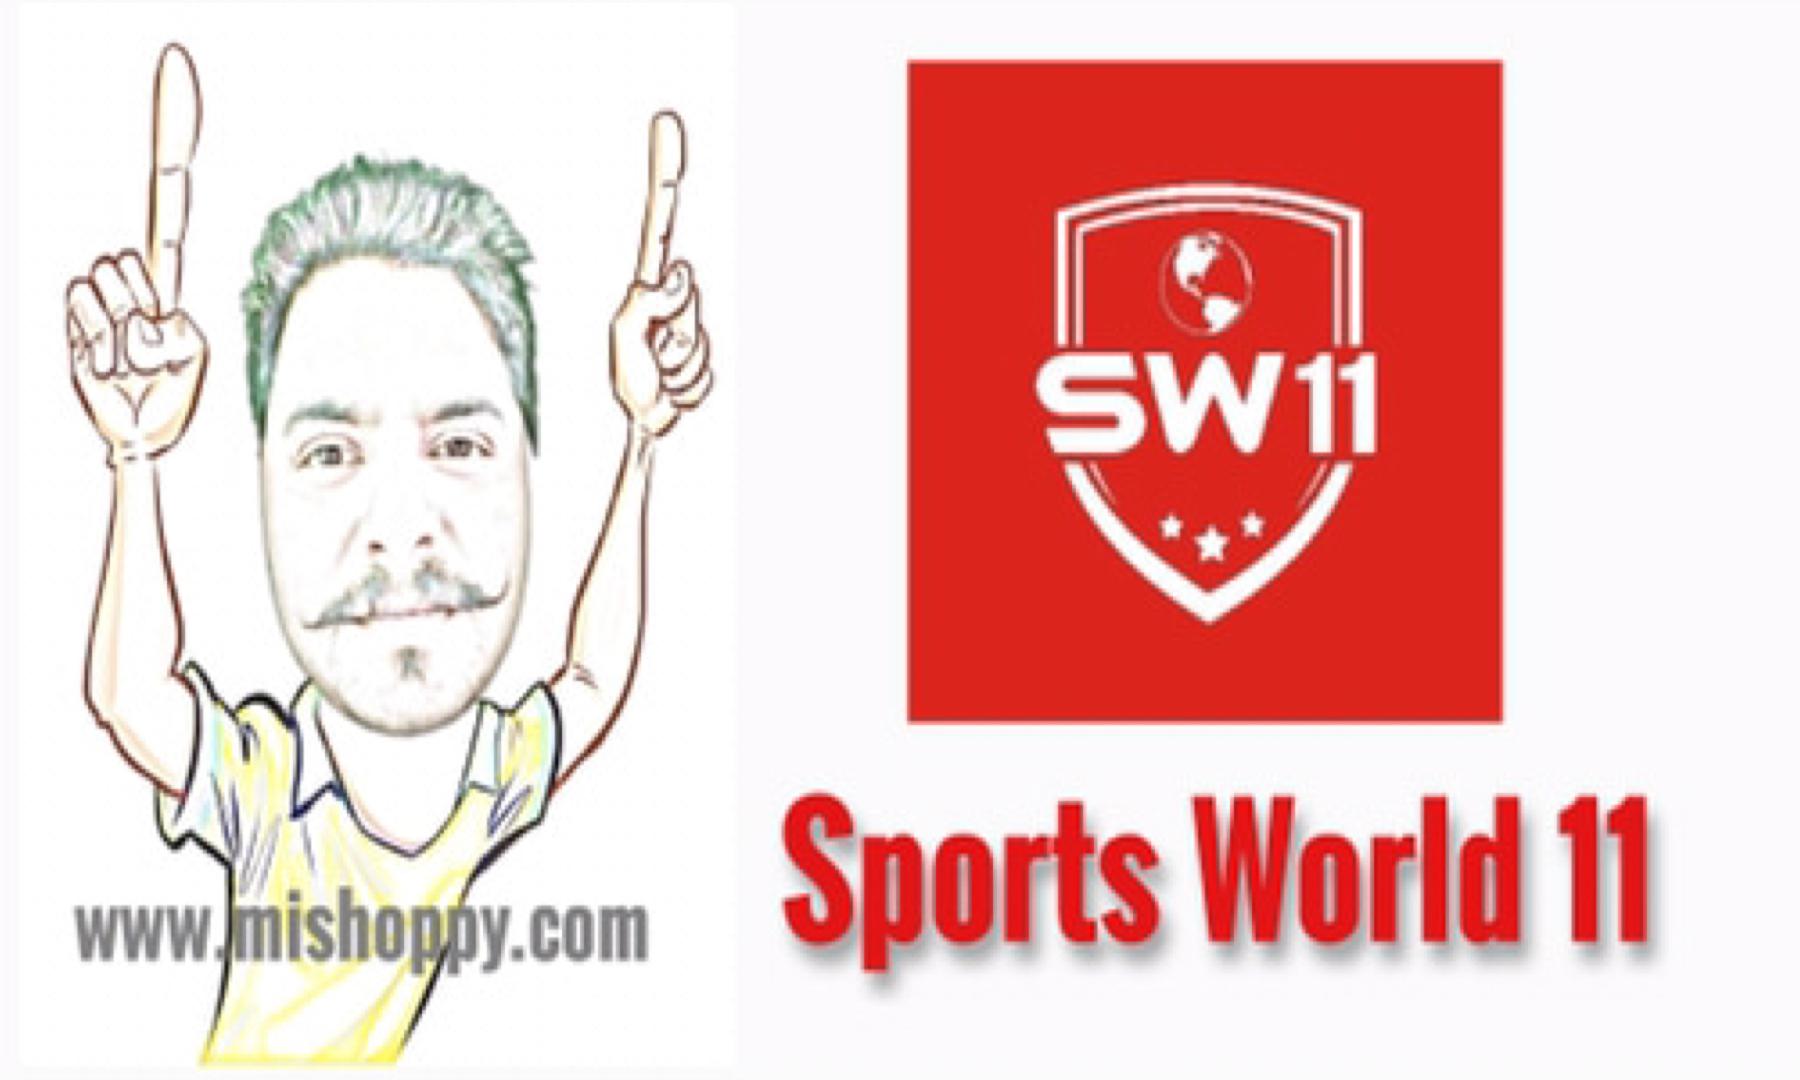 """Sports World 11 kya hai? sw11 legal or scam?  दोस्तों बहुत सारे लोगो को नही पता कि Sports World 11 क्या है और इसे कैसे खेले और जीते, दोस्तो आज के इस Post में हम आपको """"Sports World 11 fantasy cricket, Sports World 11 kya hai? Sports world11 plan kya hai? sw11 legal or scam? के बारे में बताने वाले है Sw 11 kya h, sw11 Kya hai"""